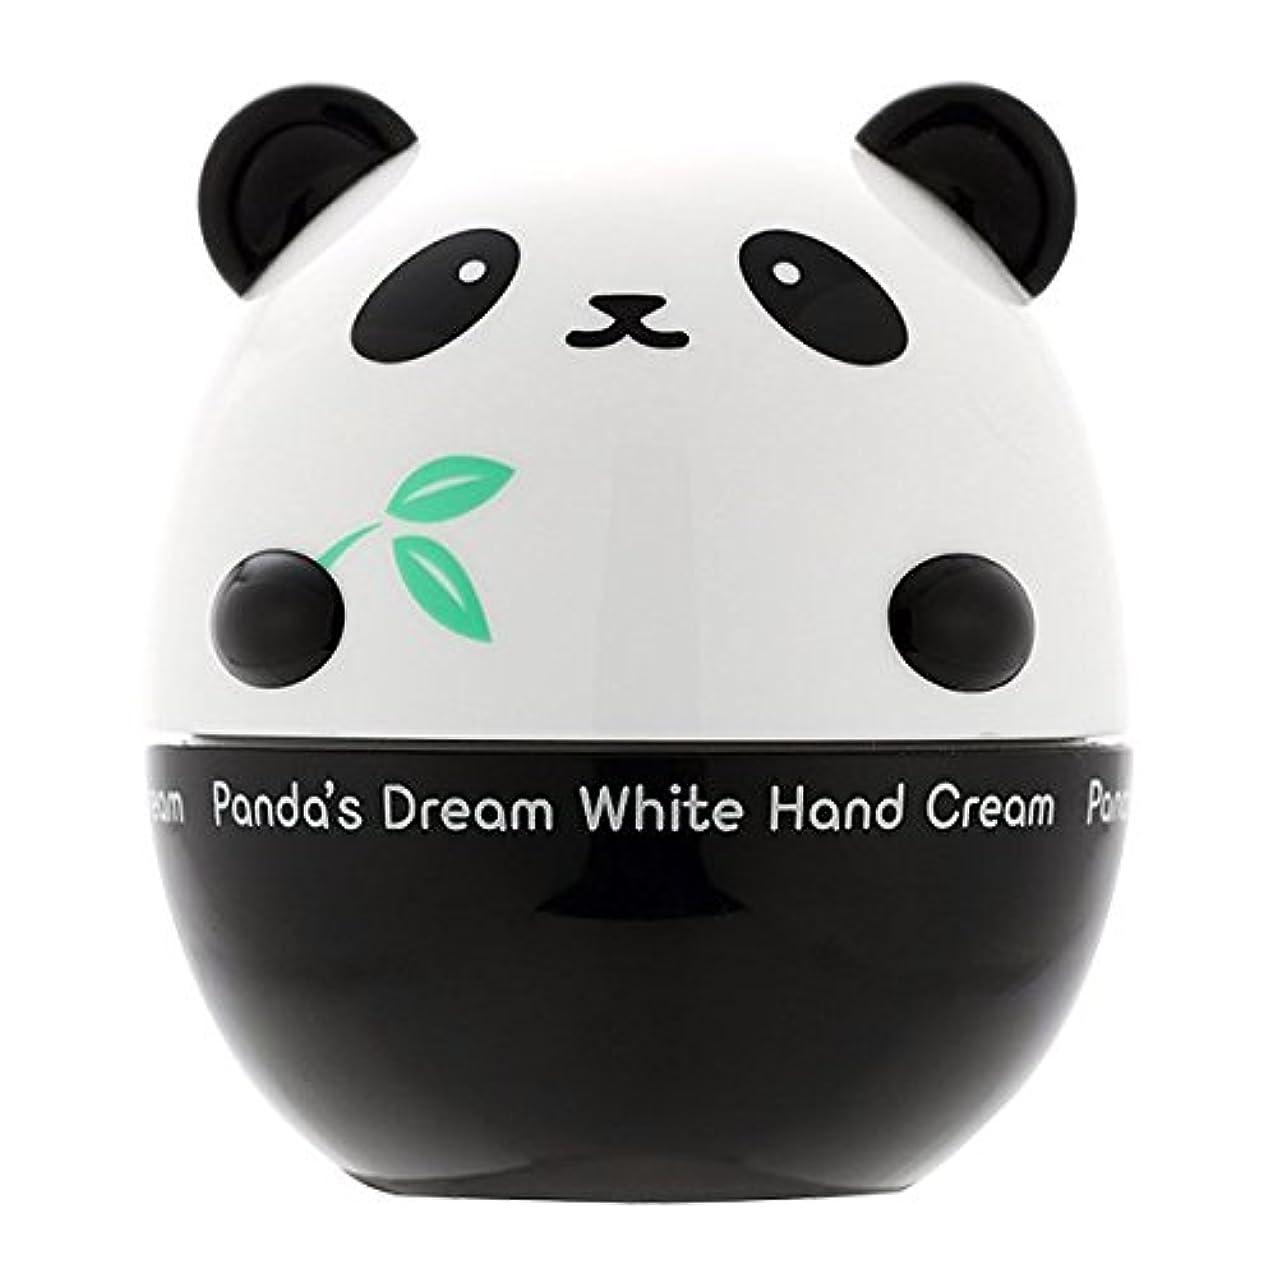 バング濃度シティTONYMOLY パンダのゆめ ホワイトマジッククリーム 50g Panda's Dream White Magic Cream 照明クリームトニーモリー下地の代わりに美肌クリーム美肌成分含有 【韓国コスメ】トニーモリー